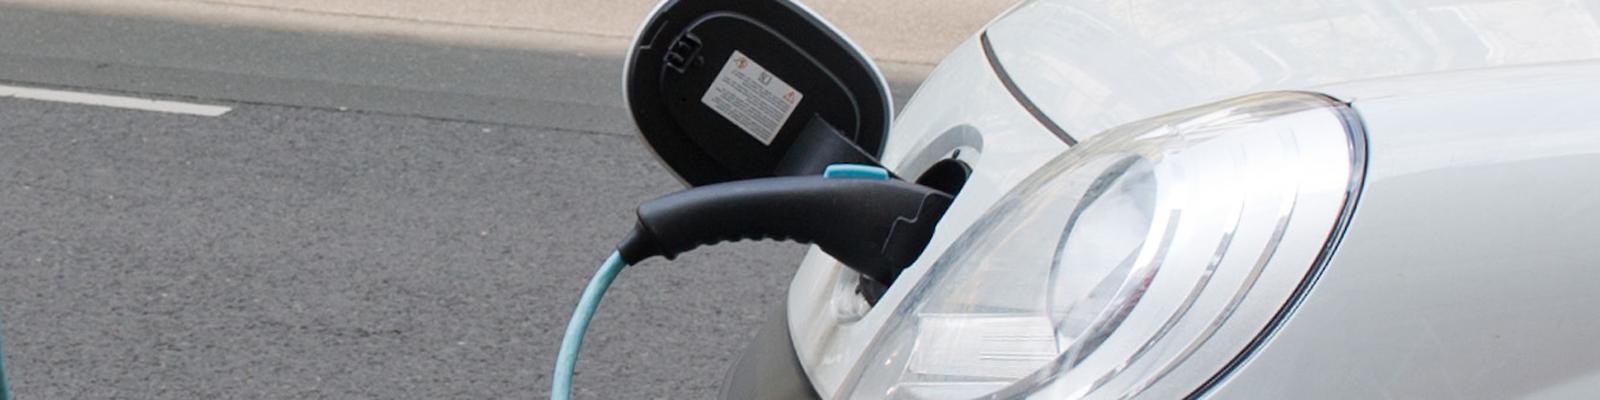 Ein Elektroauto wird aufgeladen.